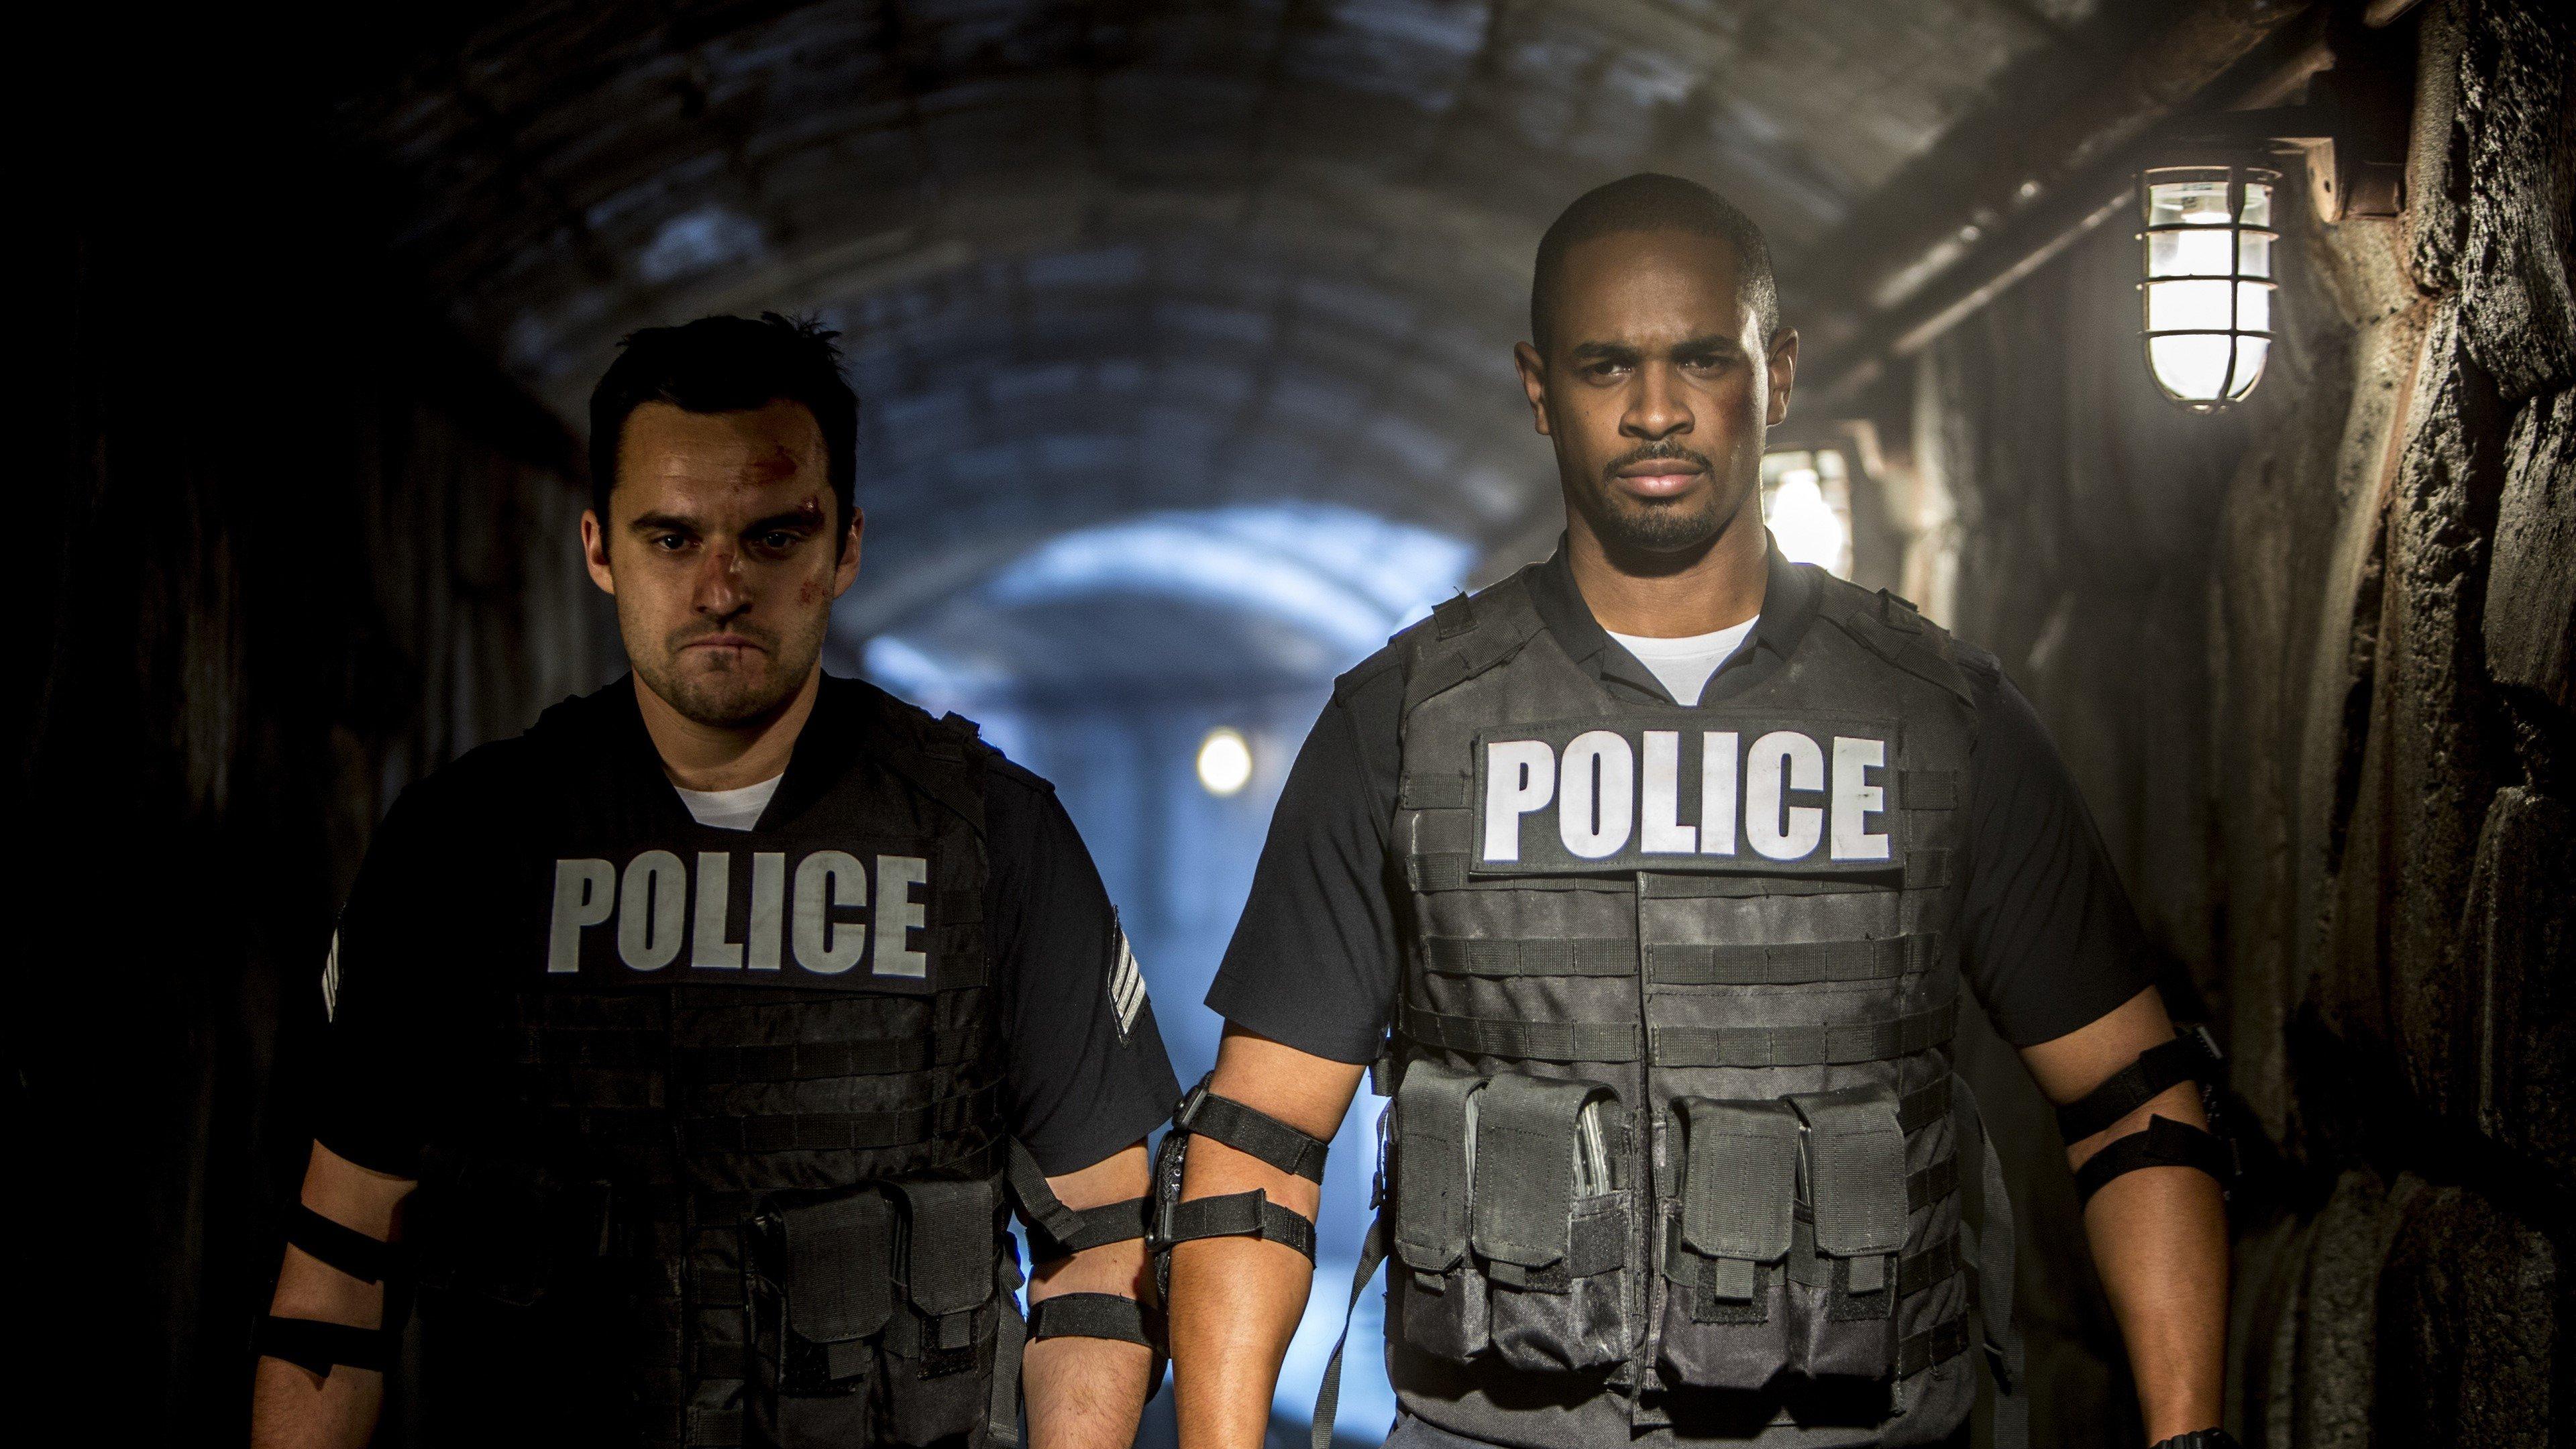 Fondo de pantalla de Damon Wayans Jr y Jake Johnson en Vamos de Polis Imágenes